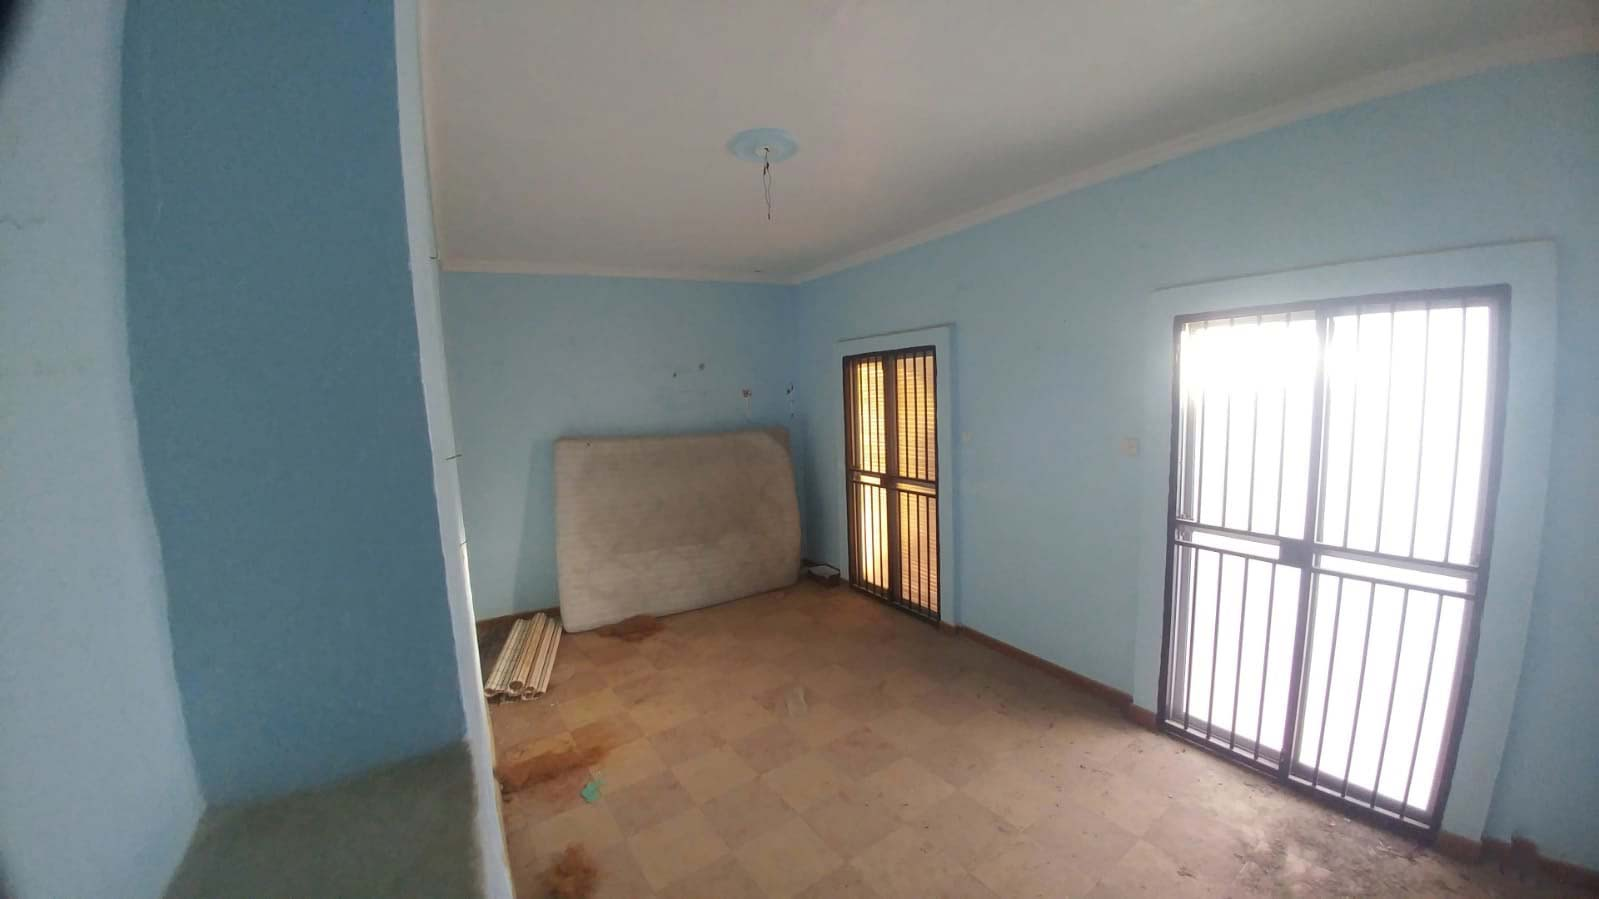 Casa en venta en Casa en Villanueva de San Juan, Sevilla, 58.511 €, 5 habitaciones, 1 baño, 219 m2